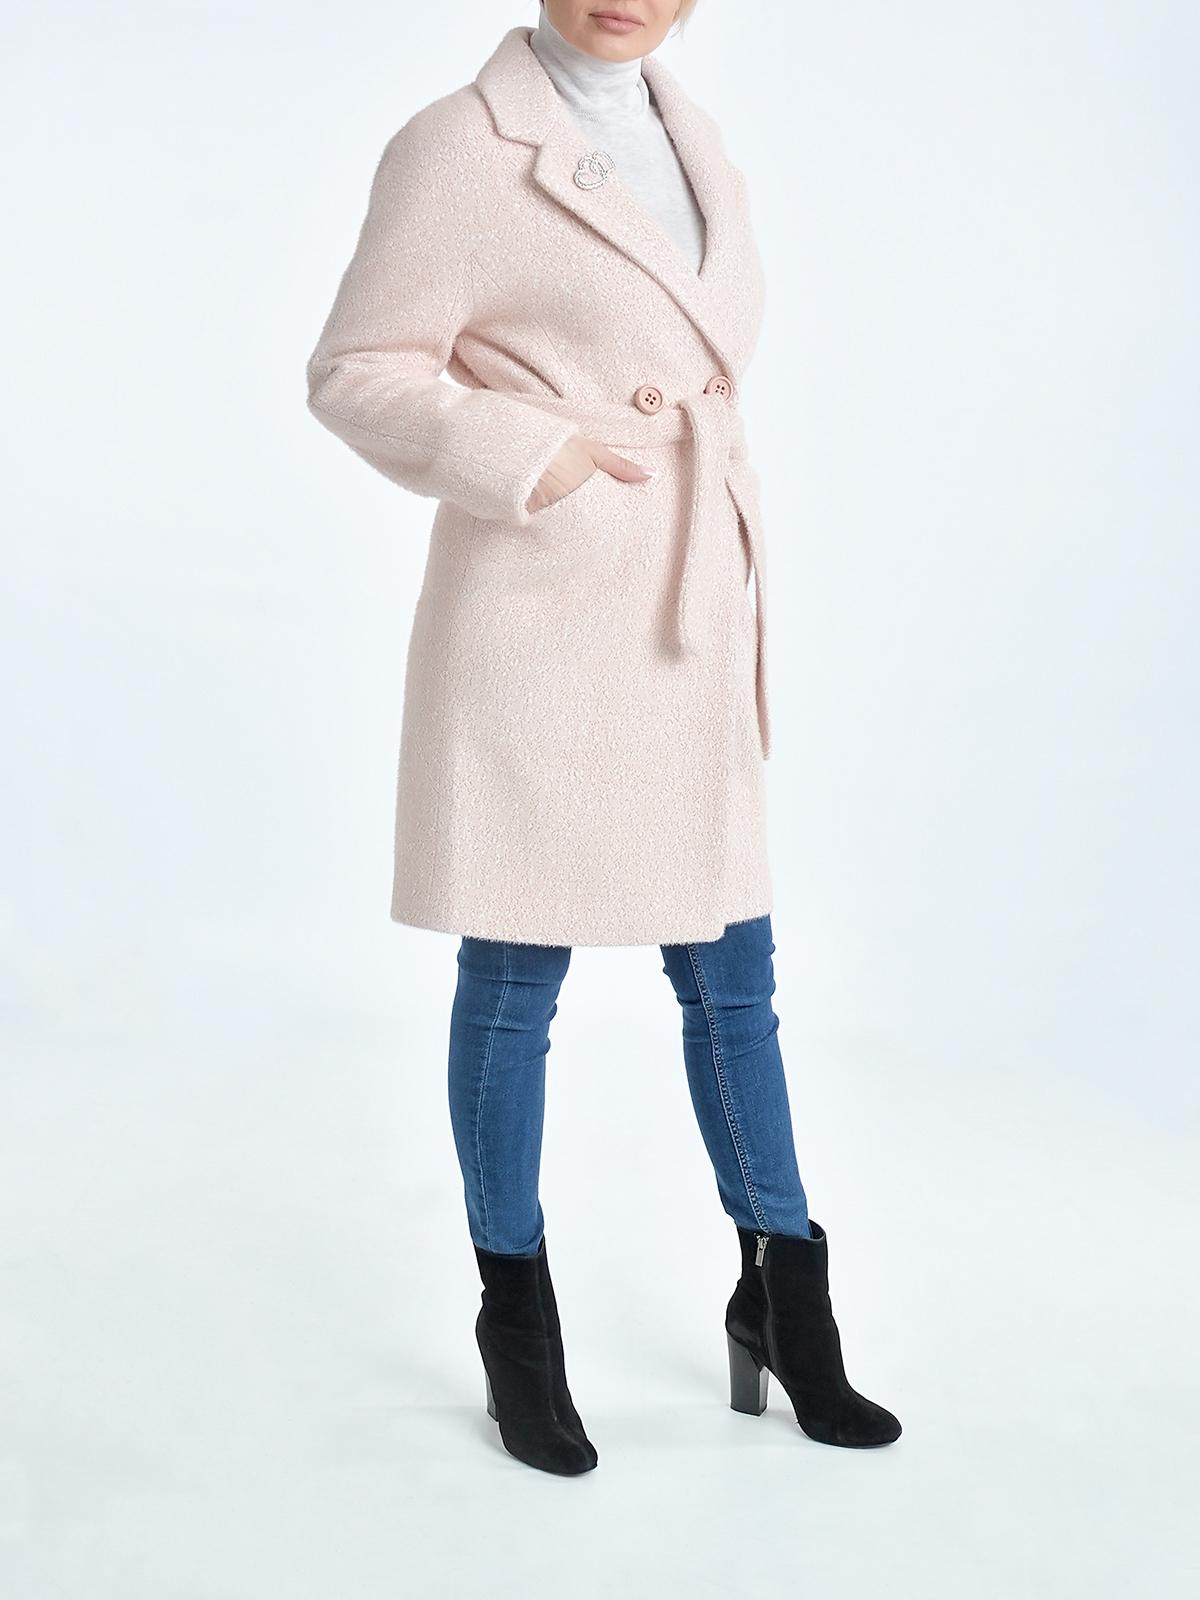 Пальто NAPOLI Пальто фото